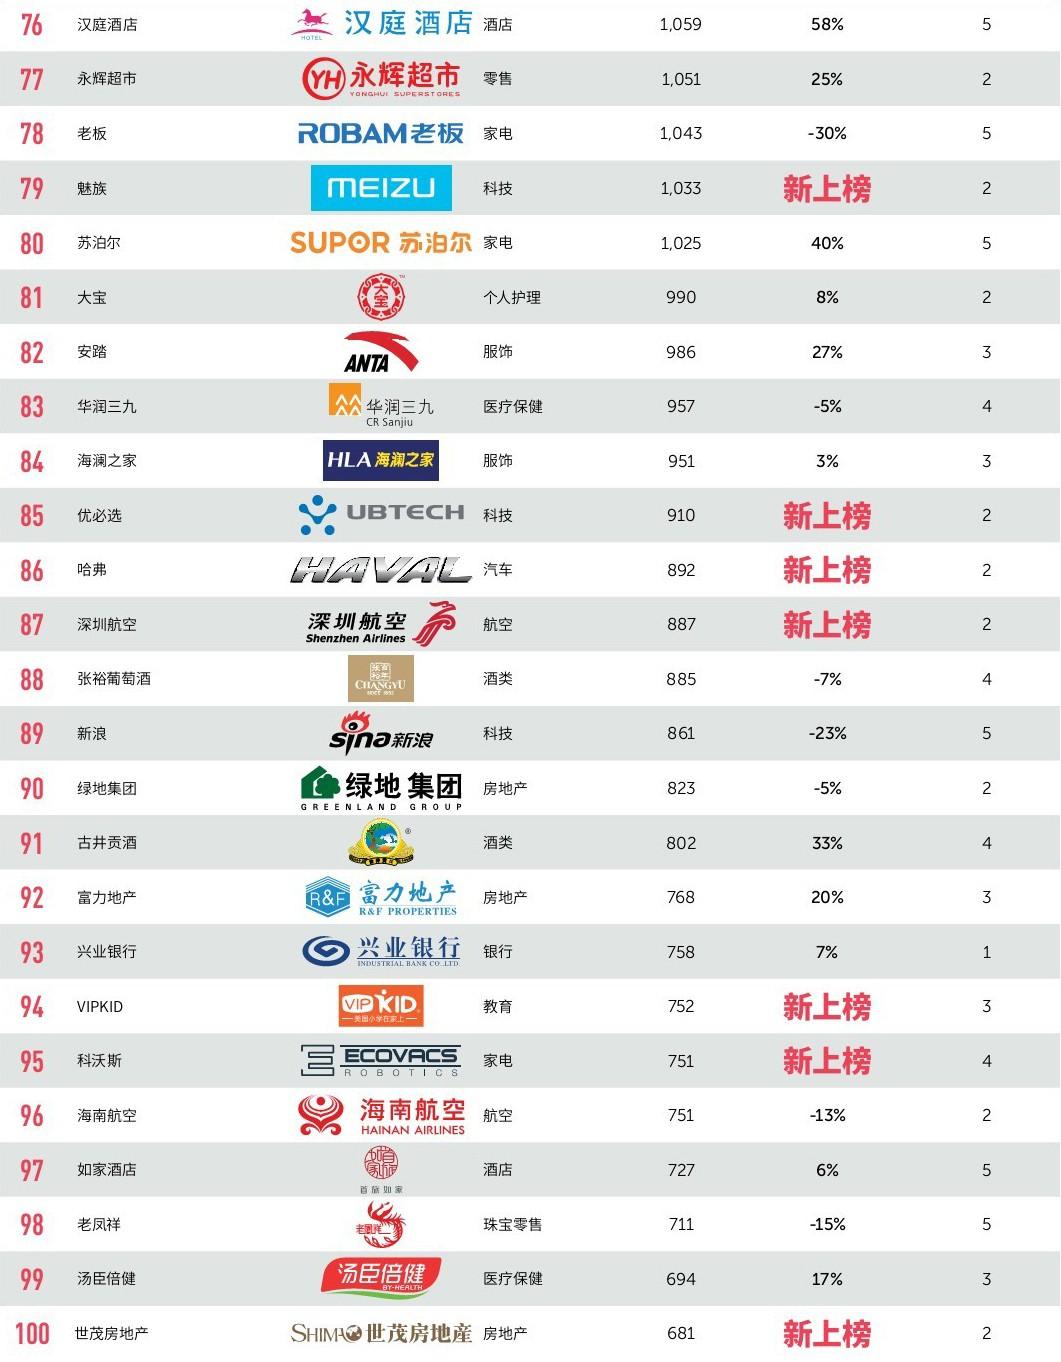 2019最具价值中国品牌100强排行榜-4